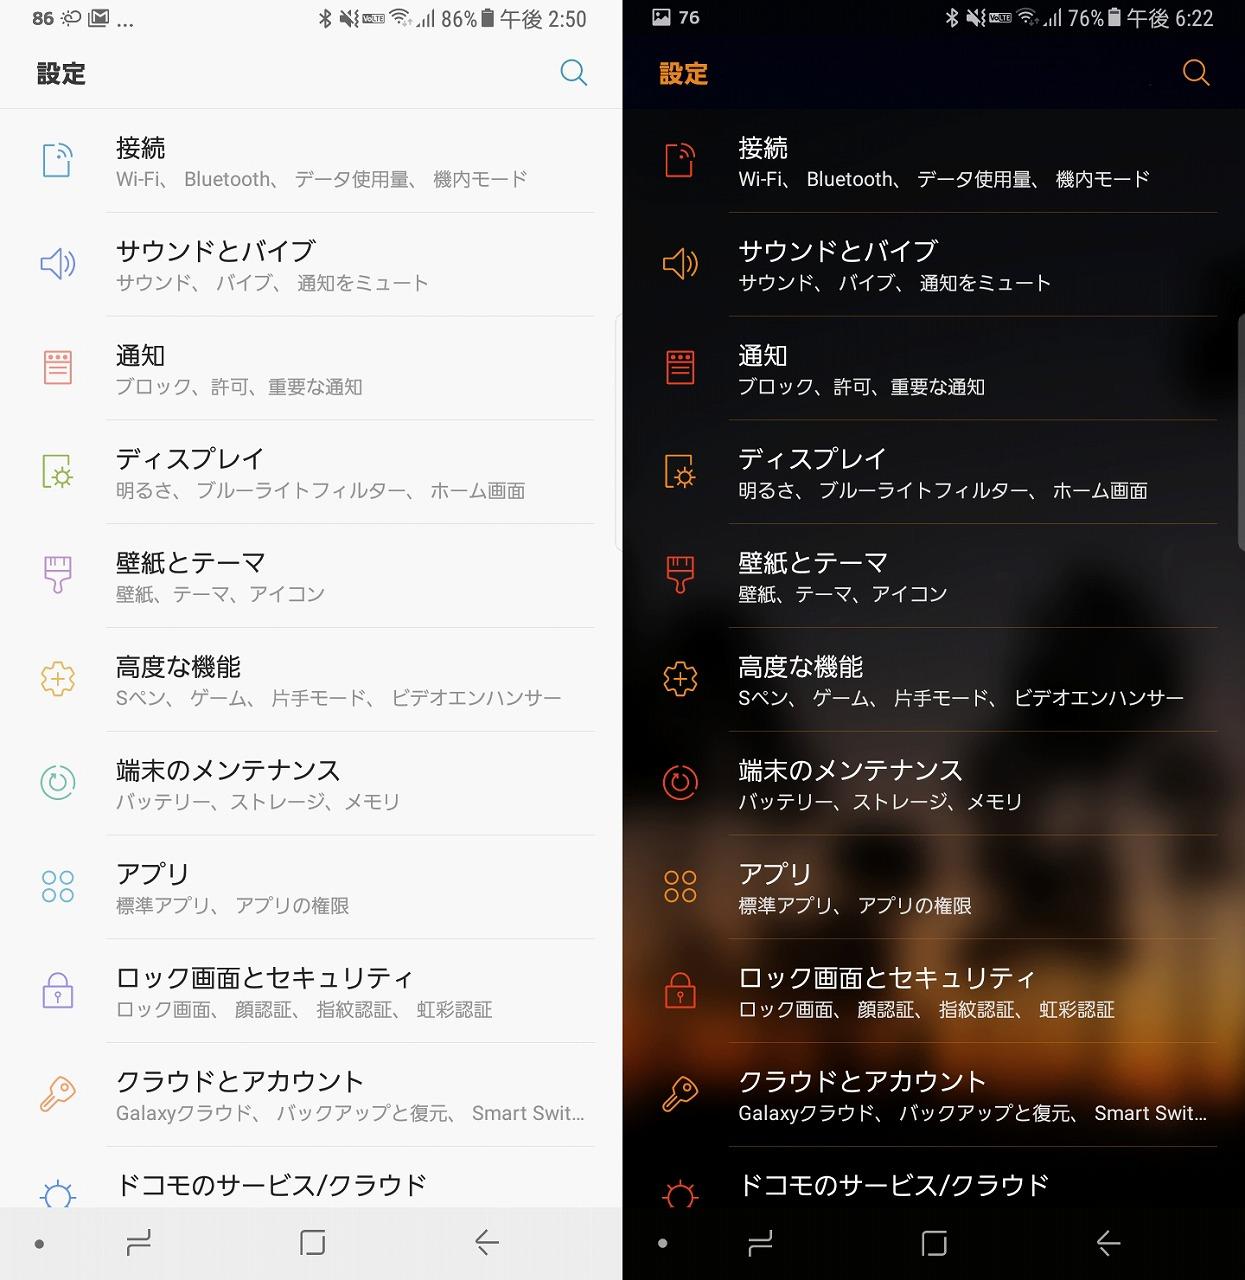 Galaxy Note8を自分好みにカスタマイズ 見た目を大きく変えられるgalaxy Themesなら自分だけの1台にできる Engadget 日本版